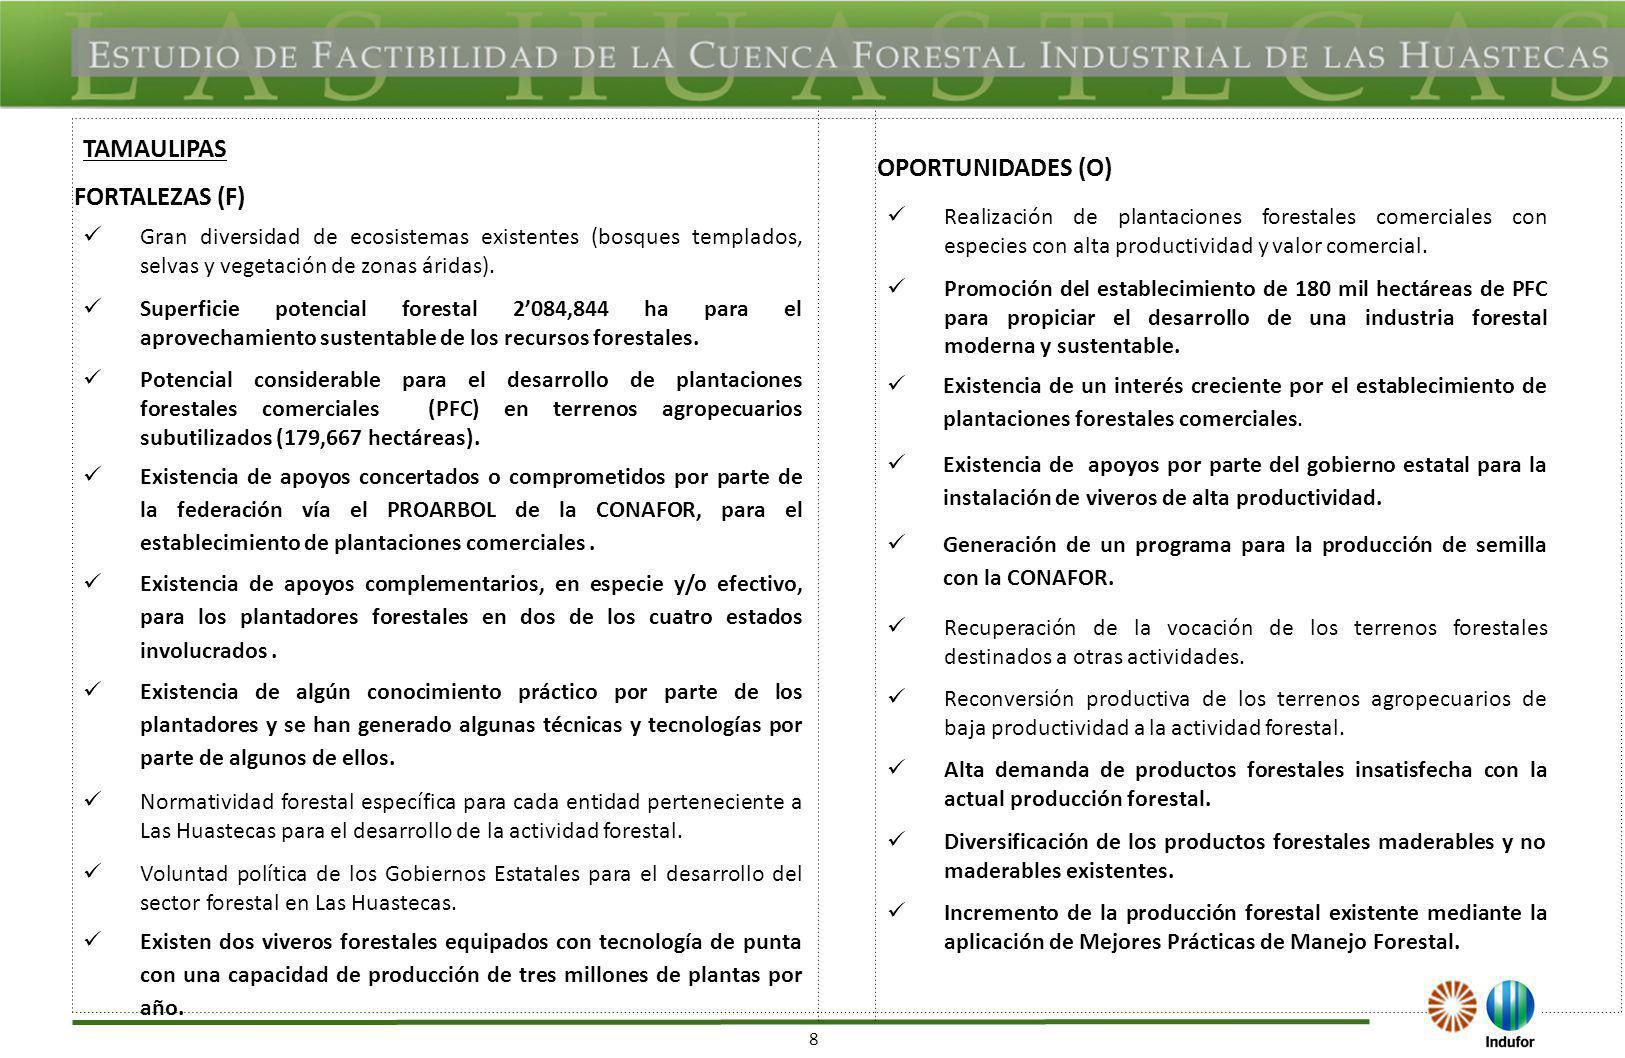 49 SAN LUIS POTOSÍ Fortalezas Presencia de proyectos de PFC con superficies considerables más paquetes tecnológicos probados para especies de alto valor posibilitan la proliferación de proyectos forestales – industriales.